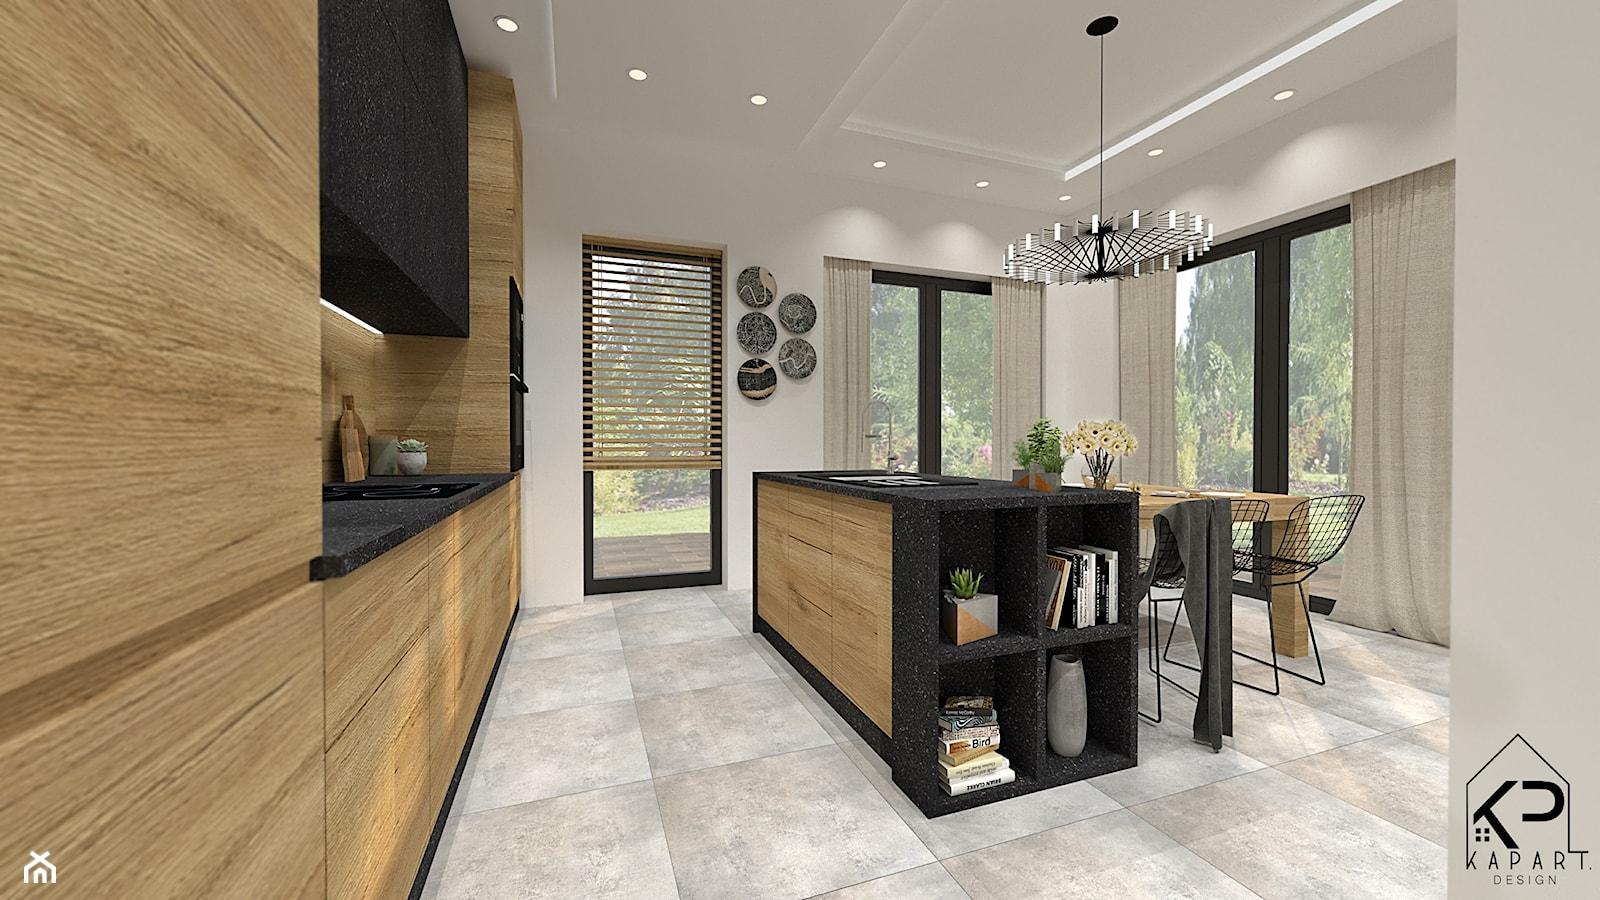 KRAKÓW, dom jednorodzinny _ 155,8m2 - Kuchnia, styl tradycyjny - zdjęcie od KAPART Studio - Homebook